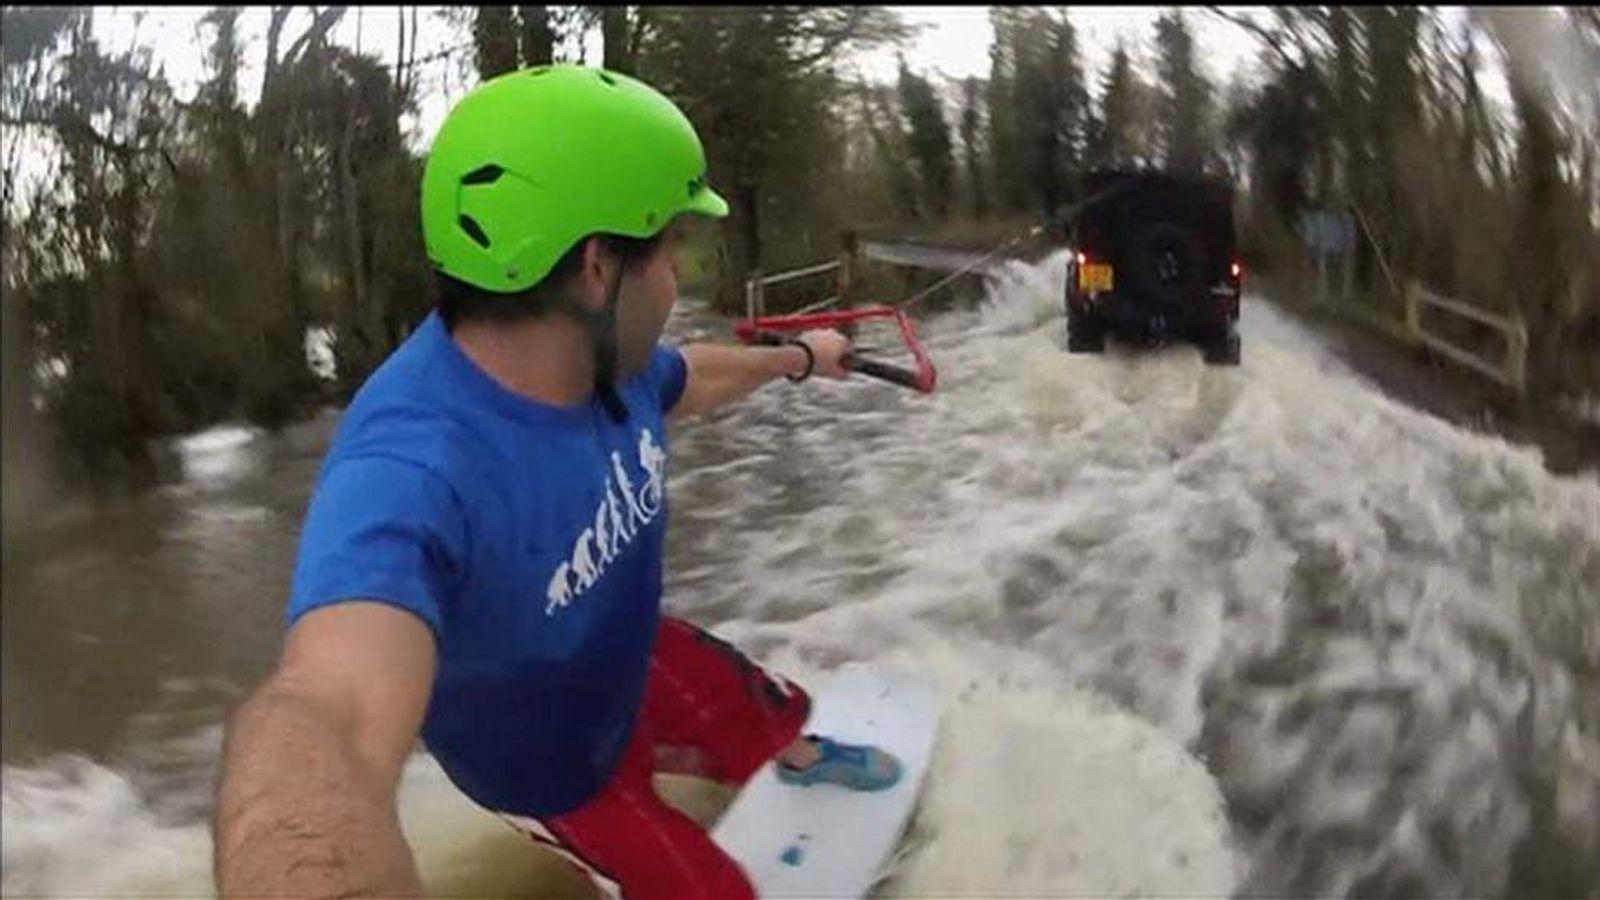 Wakeboarder rides in floods in Godalming, Surey